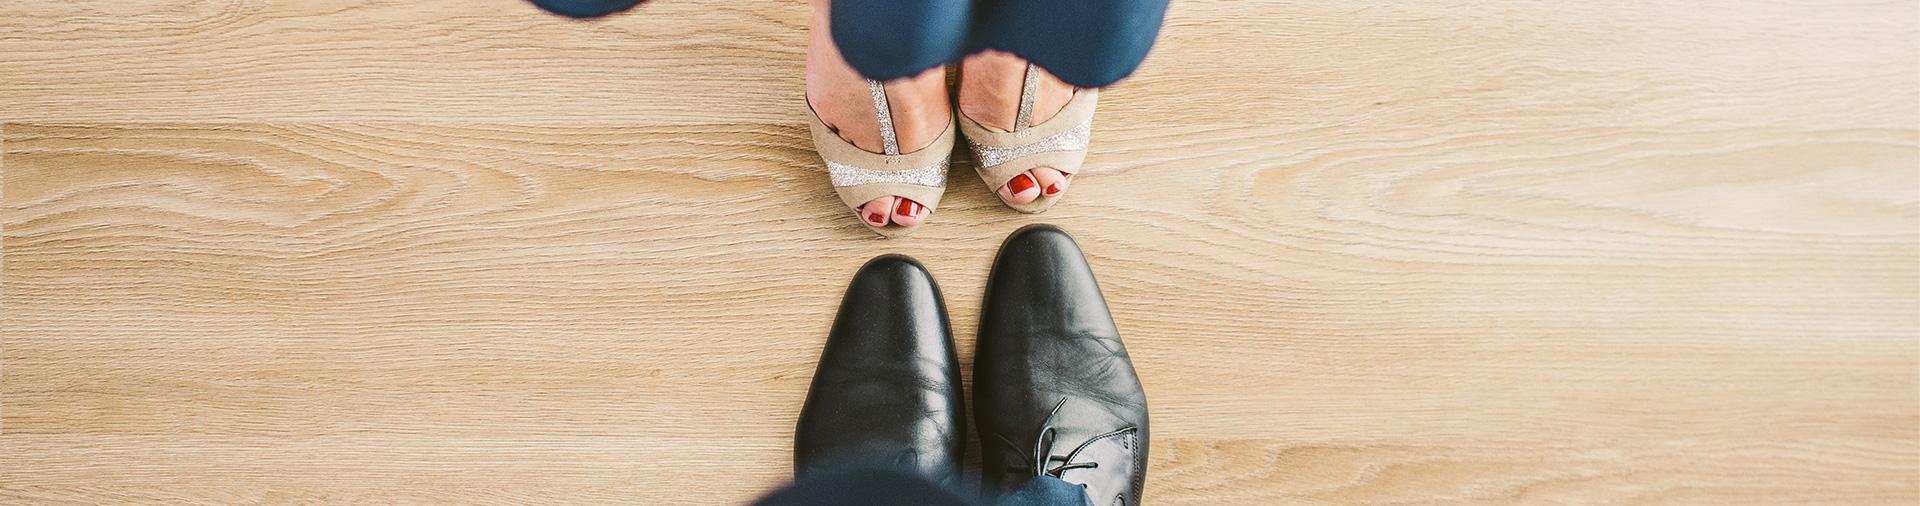 suit-couple-blue-shoes-banner